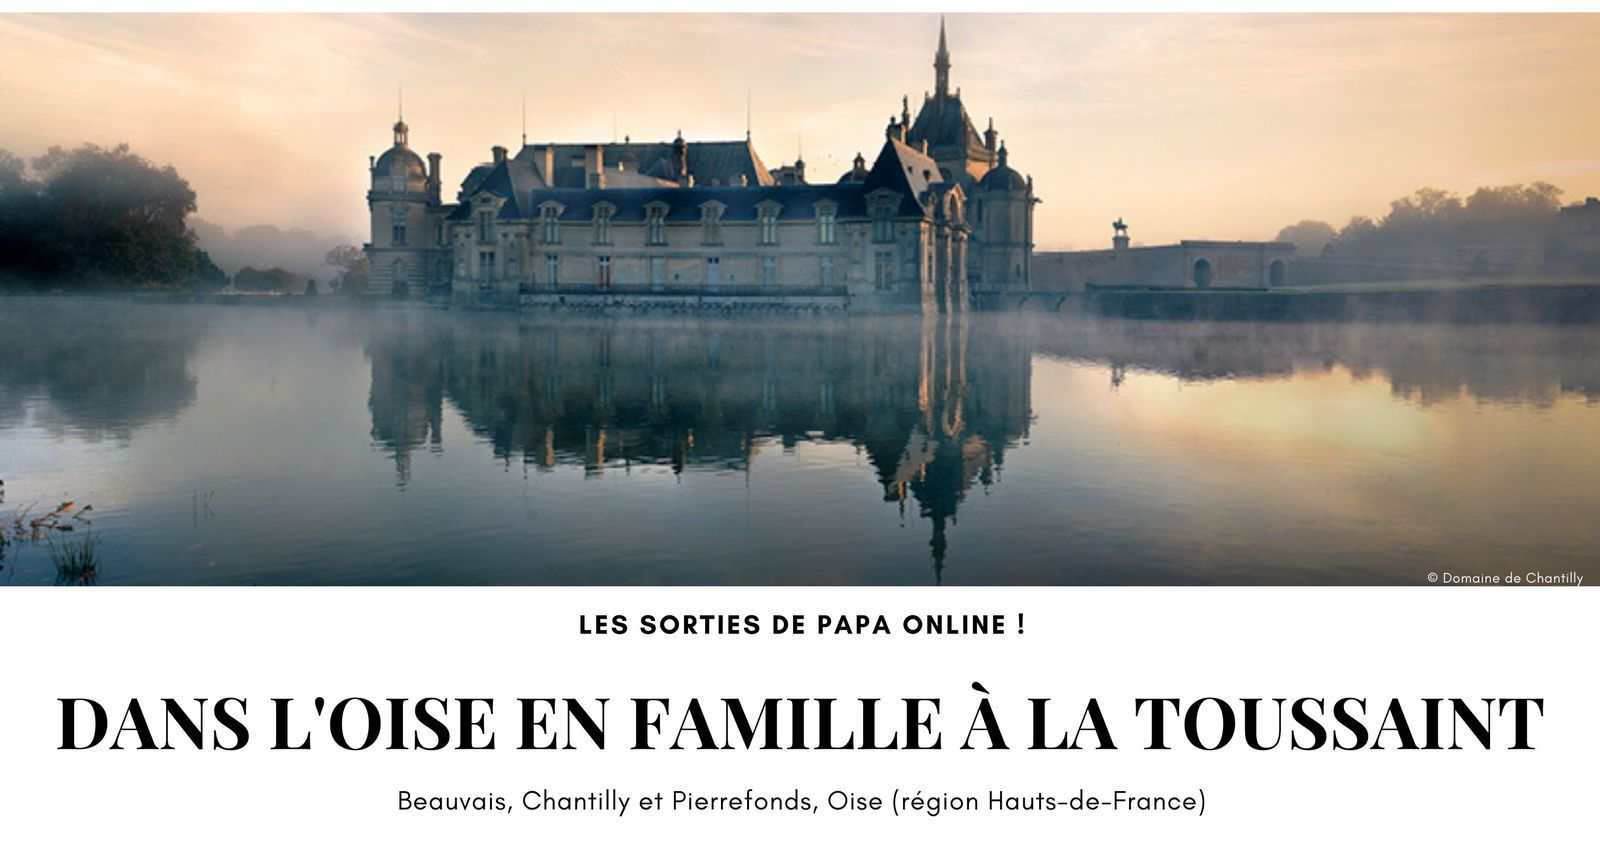 [Sortir] Oise : sortir en famille à la Toussaint... à deux pas de Paris !